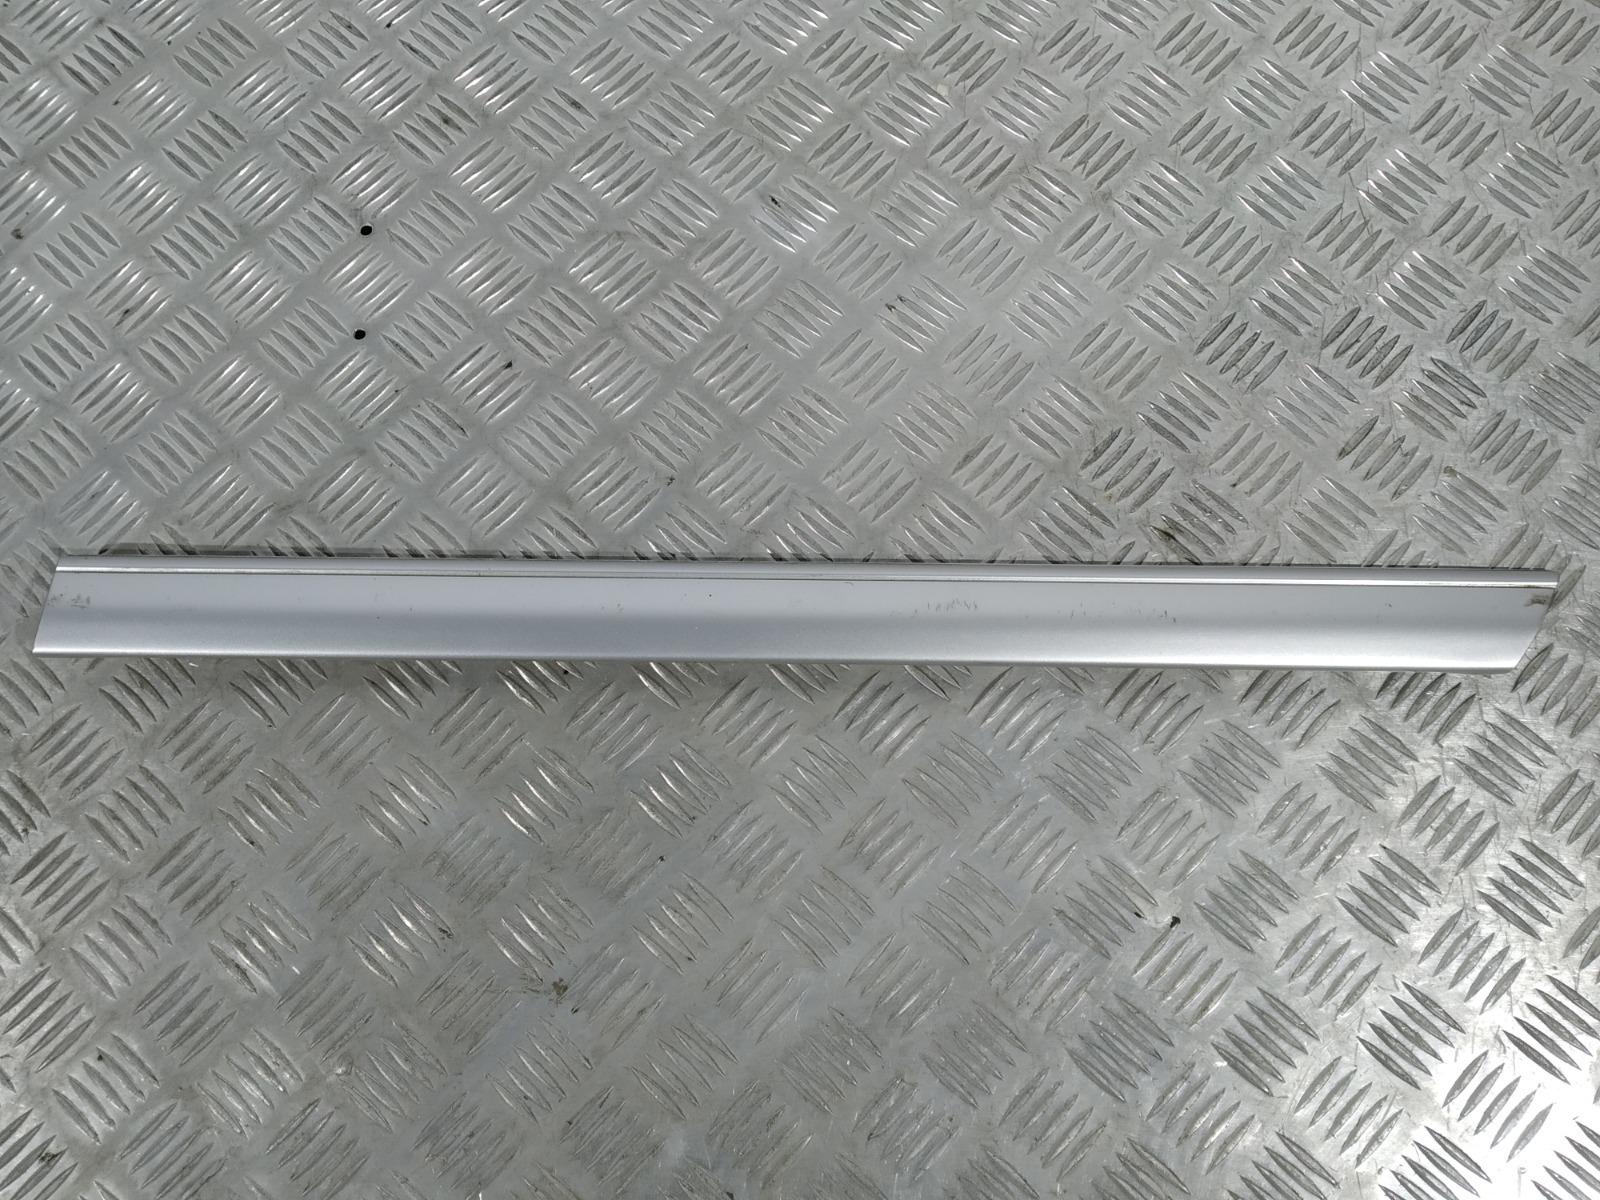 Молдинг двери задней левой Mercedes C W202 2.0 I 2000 (б/у)